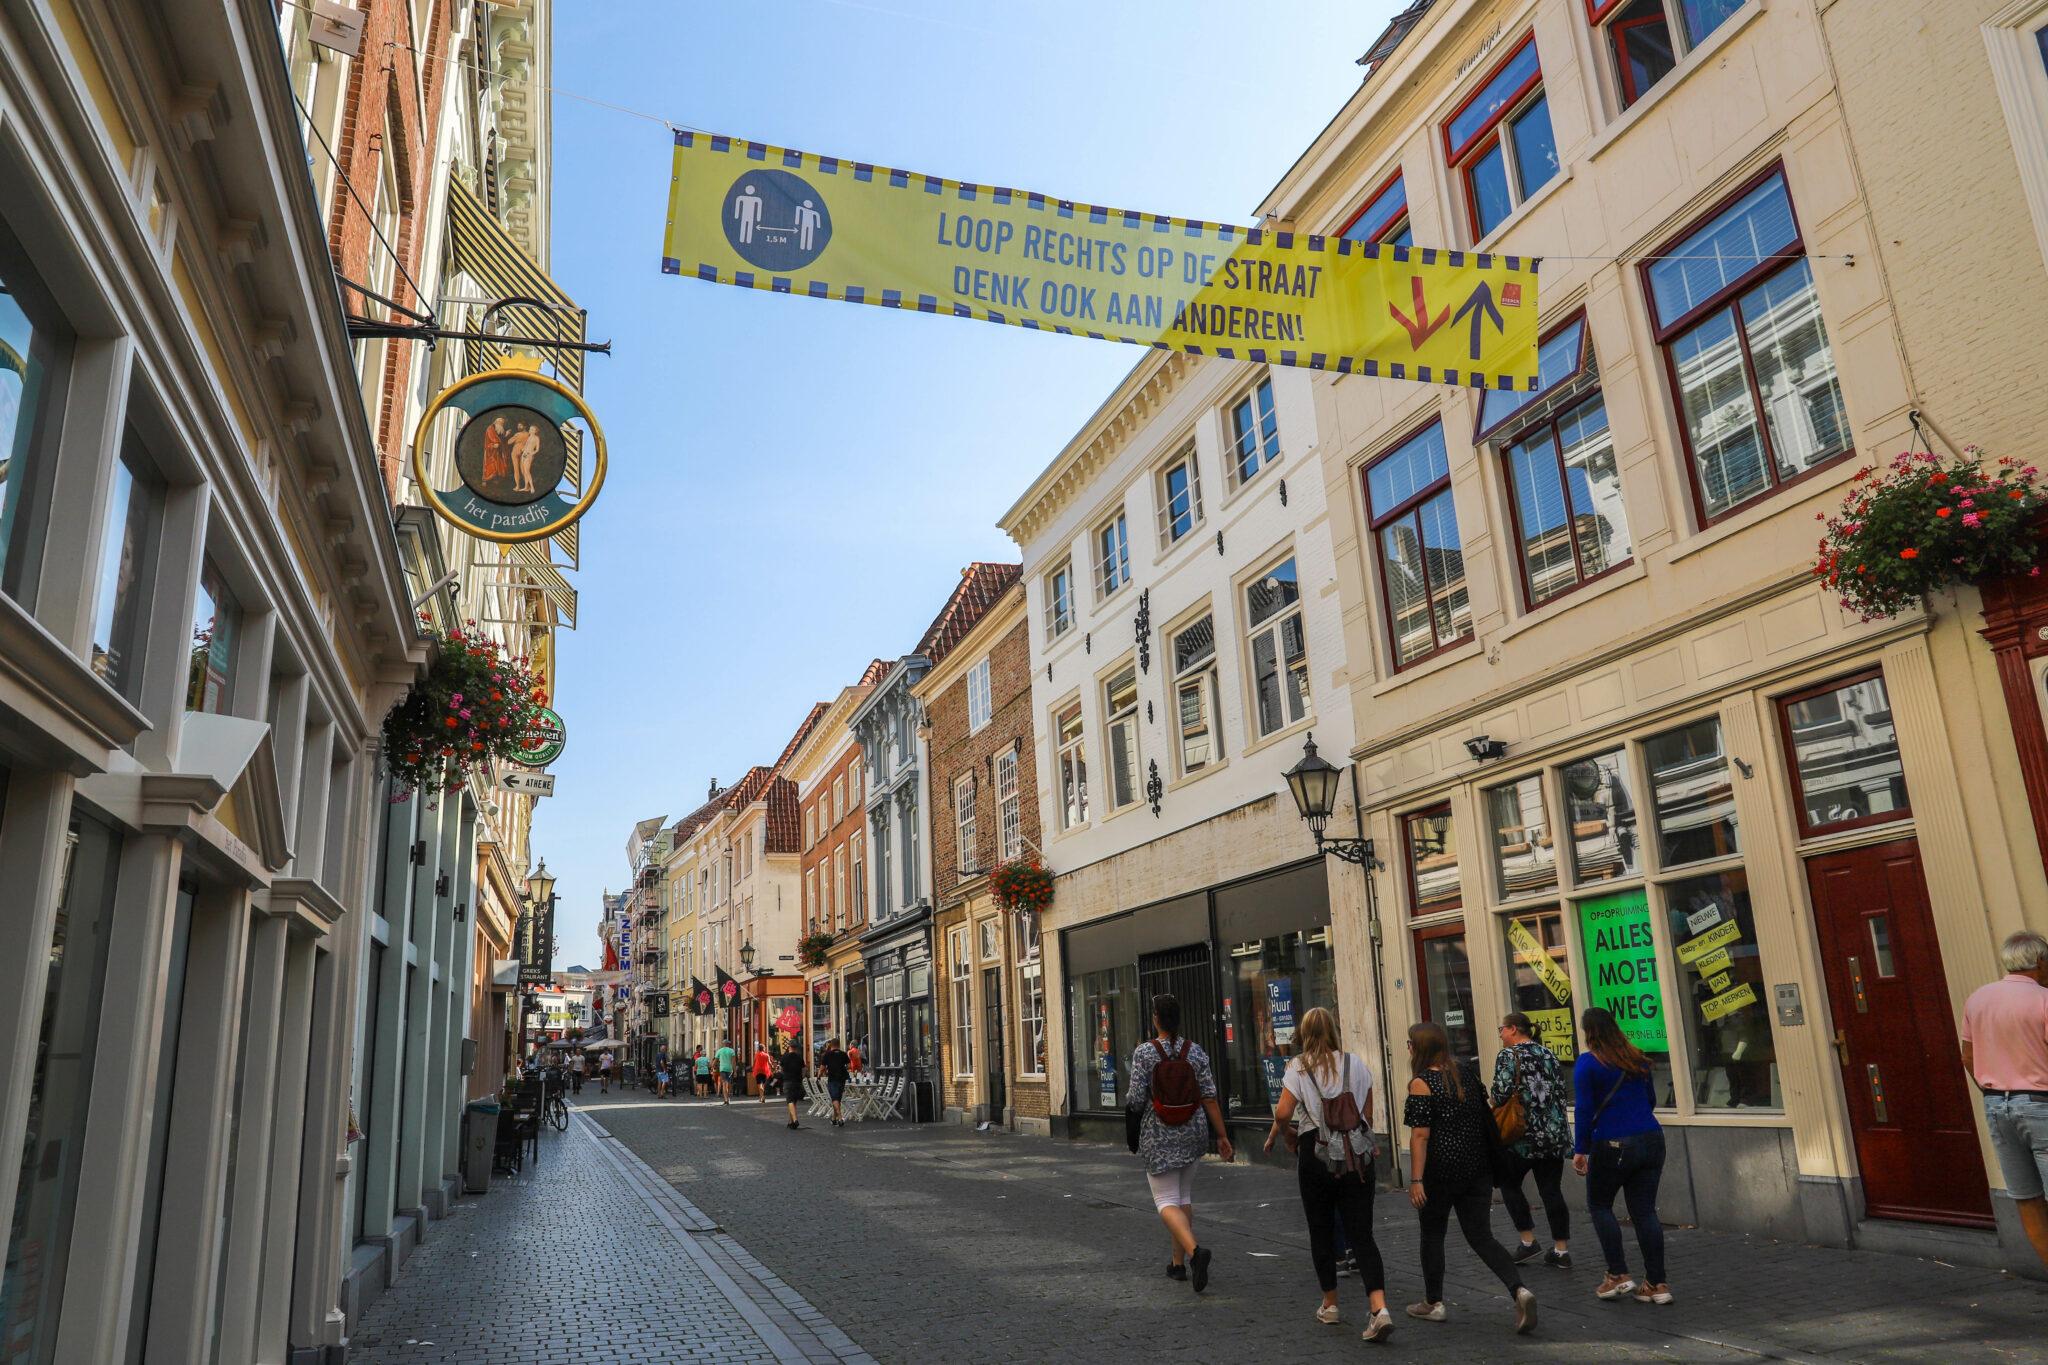 weerbericht april fortuinstraat winkelen winkels shoppen vierkantje corona rechts lopen